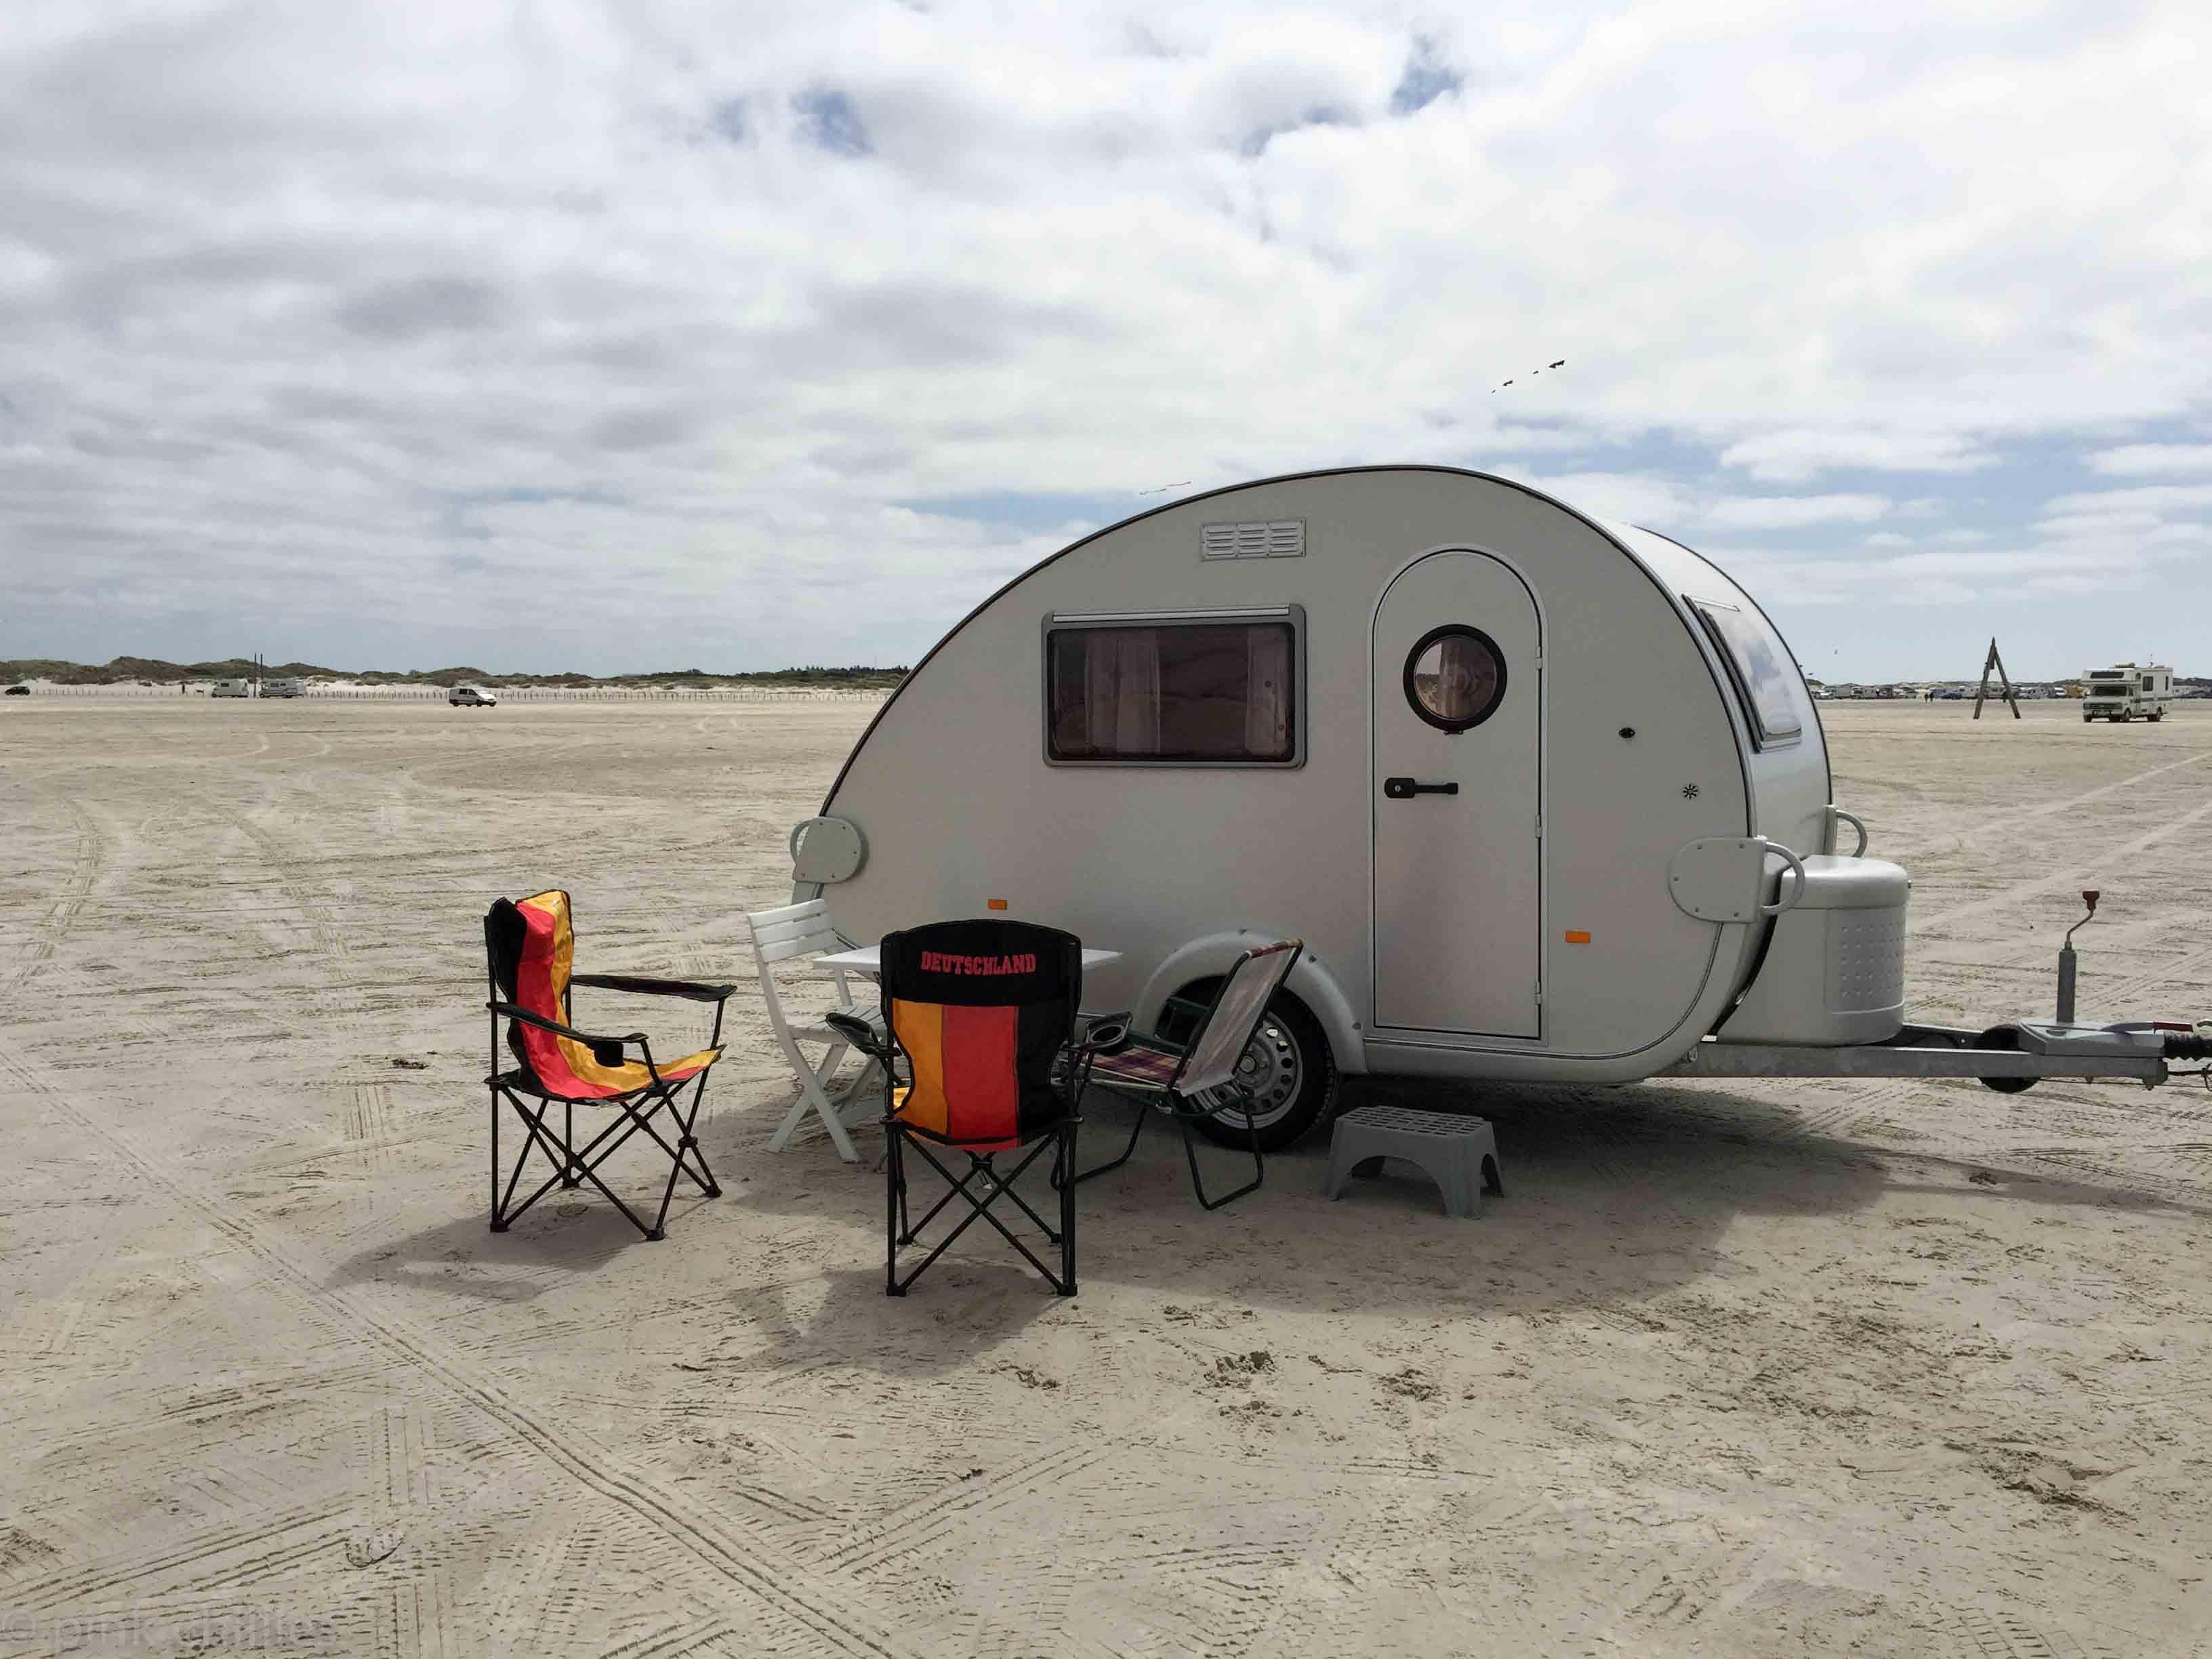 Retro Wohnwagen am Strand